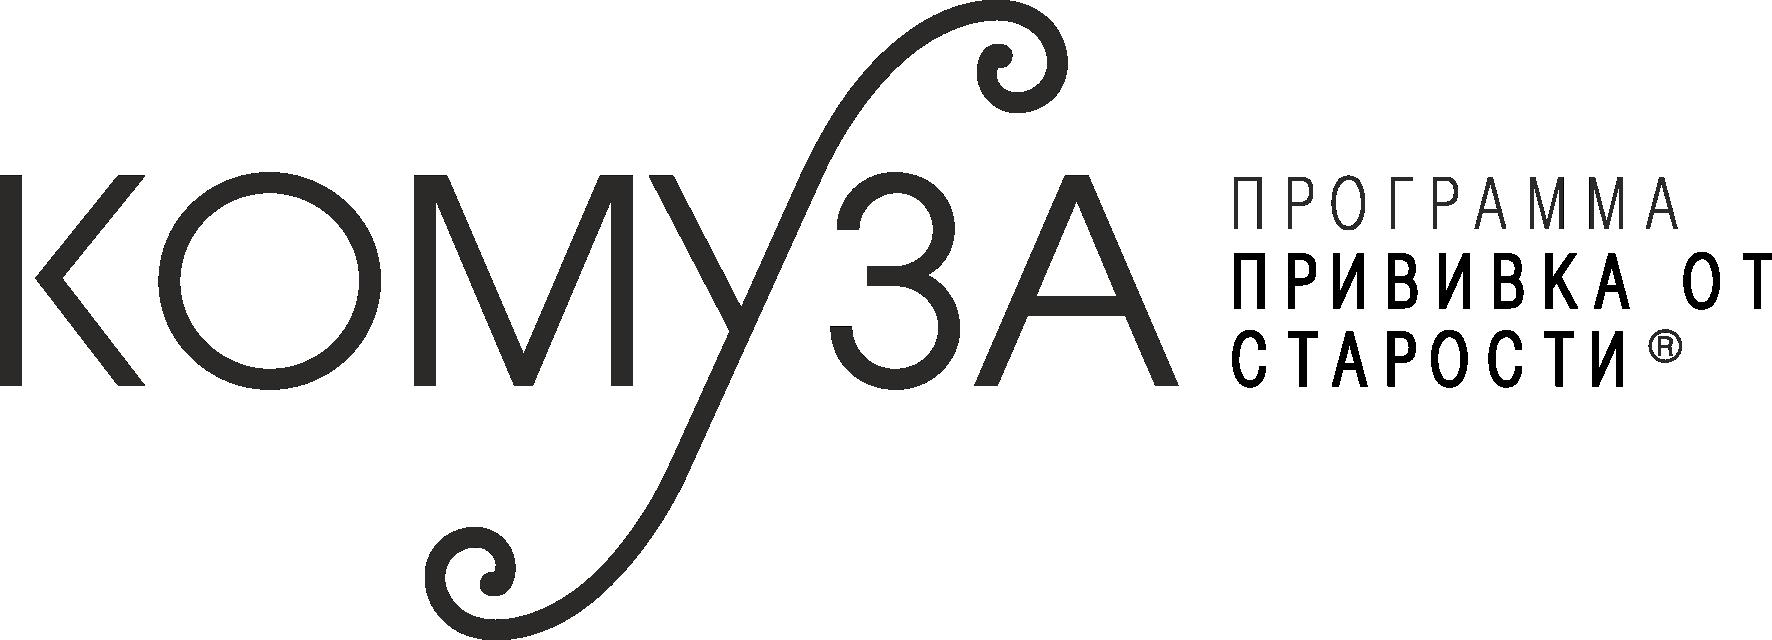 Комуза лого v2